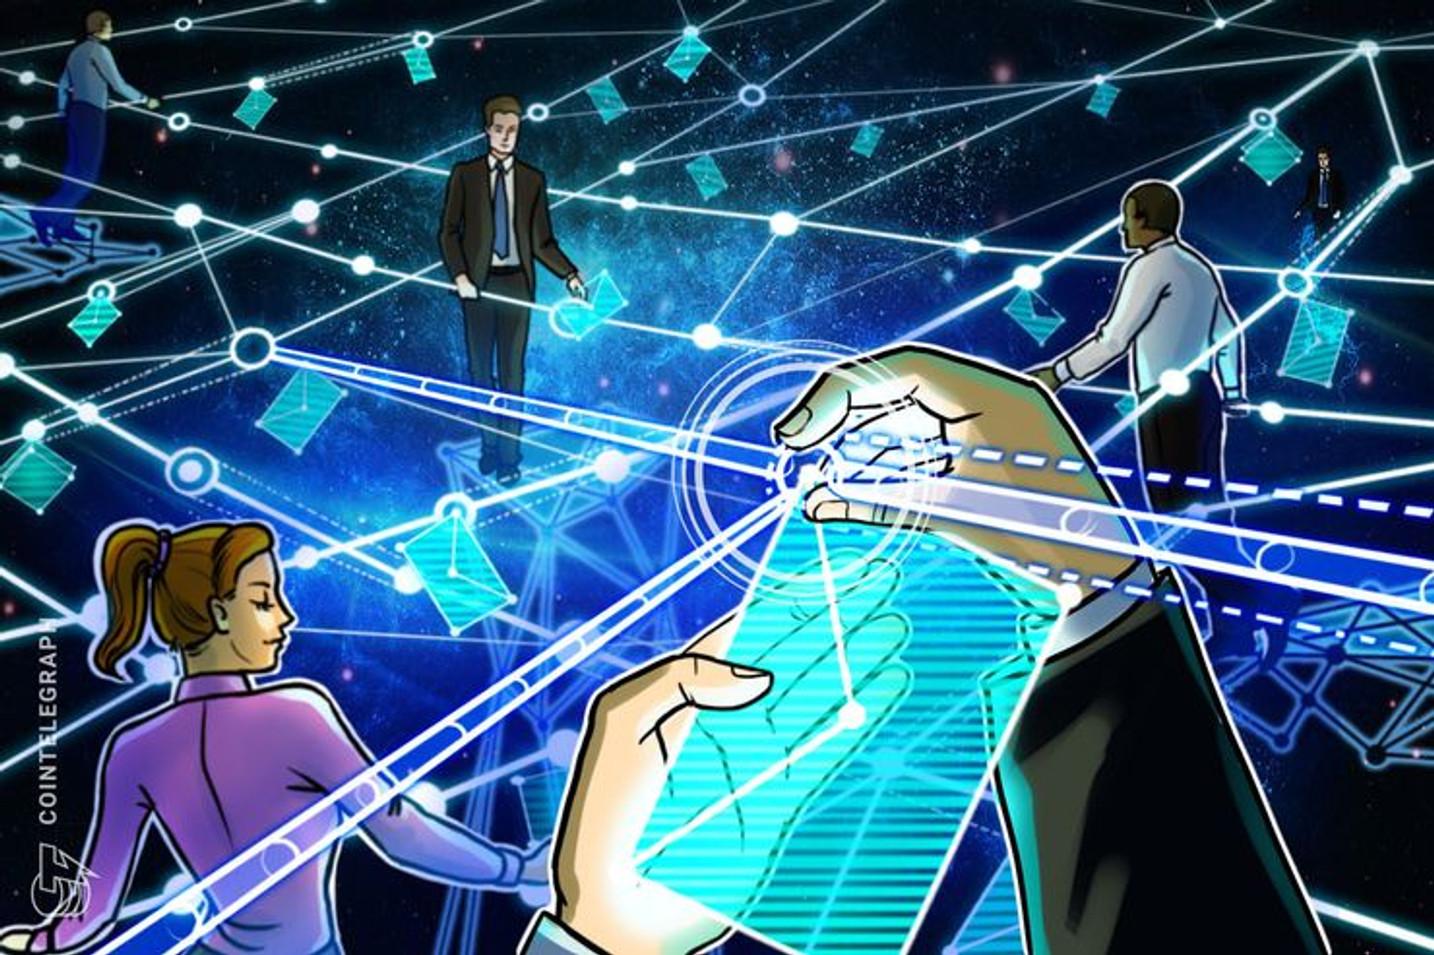 México: Estiman que hay 81 empresas relacionadas con la tecnología Blockchain